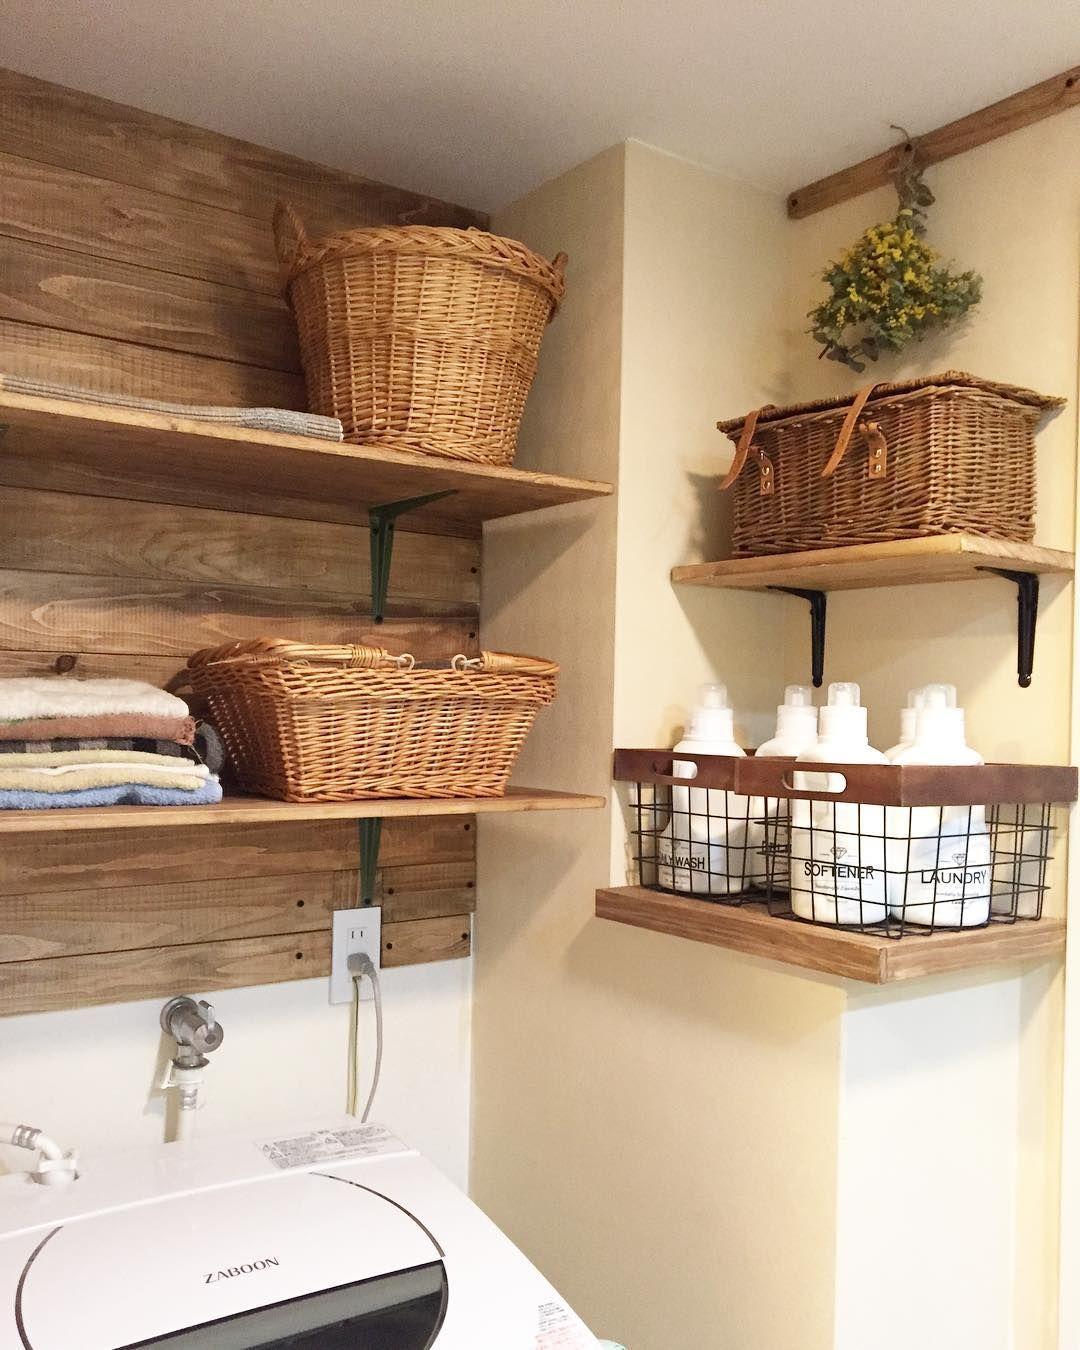 まるでお店のような雰囲気 洗面所 トイレをおしゃれに見せる実例集